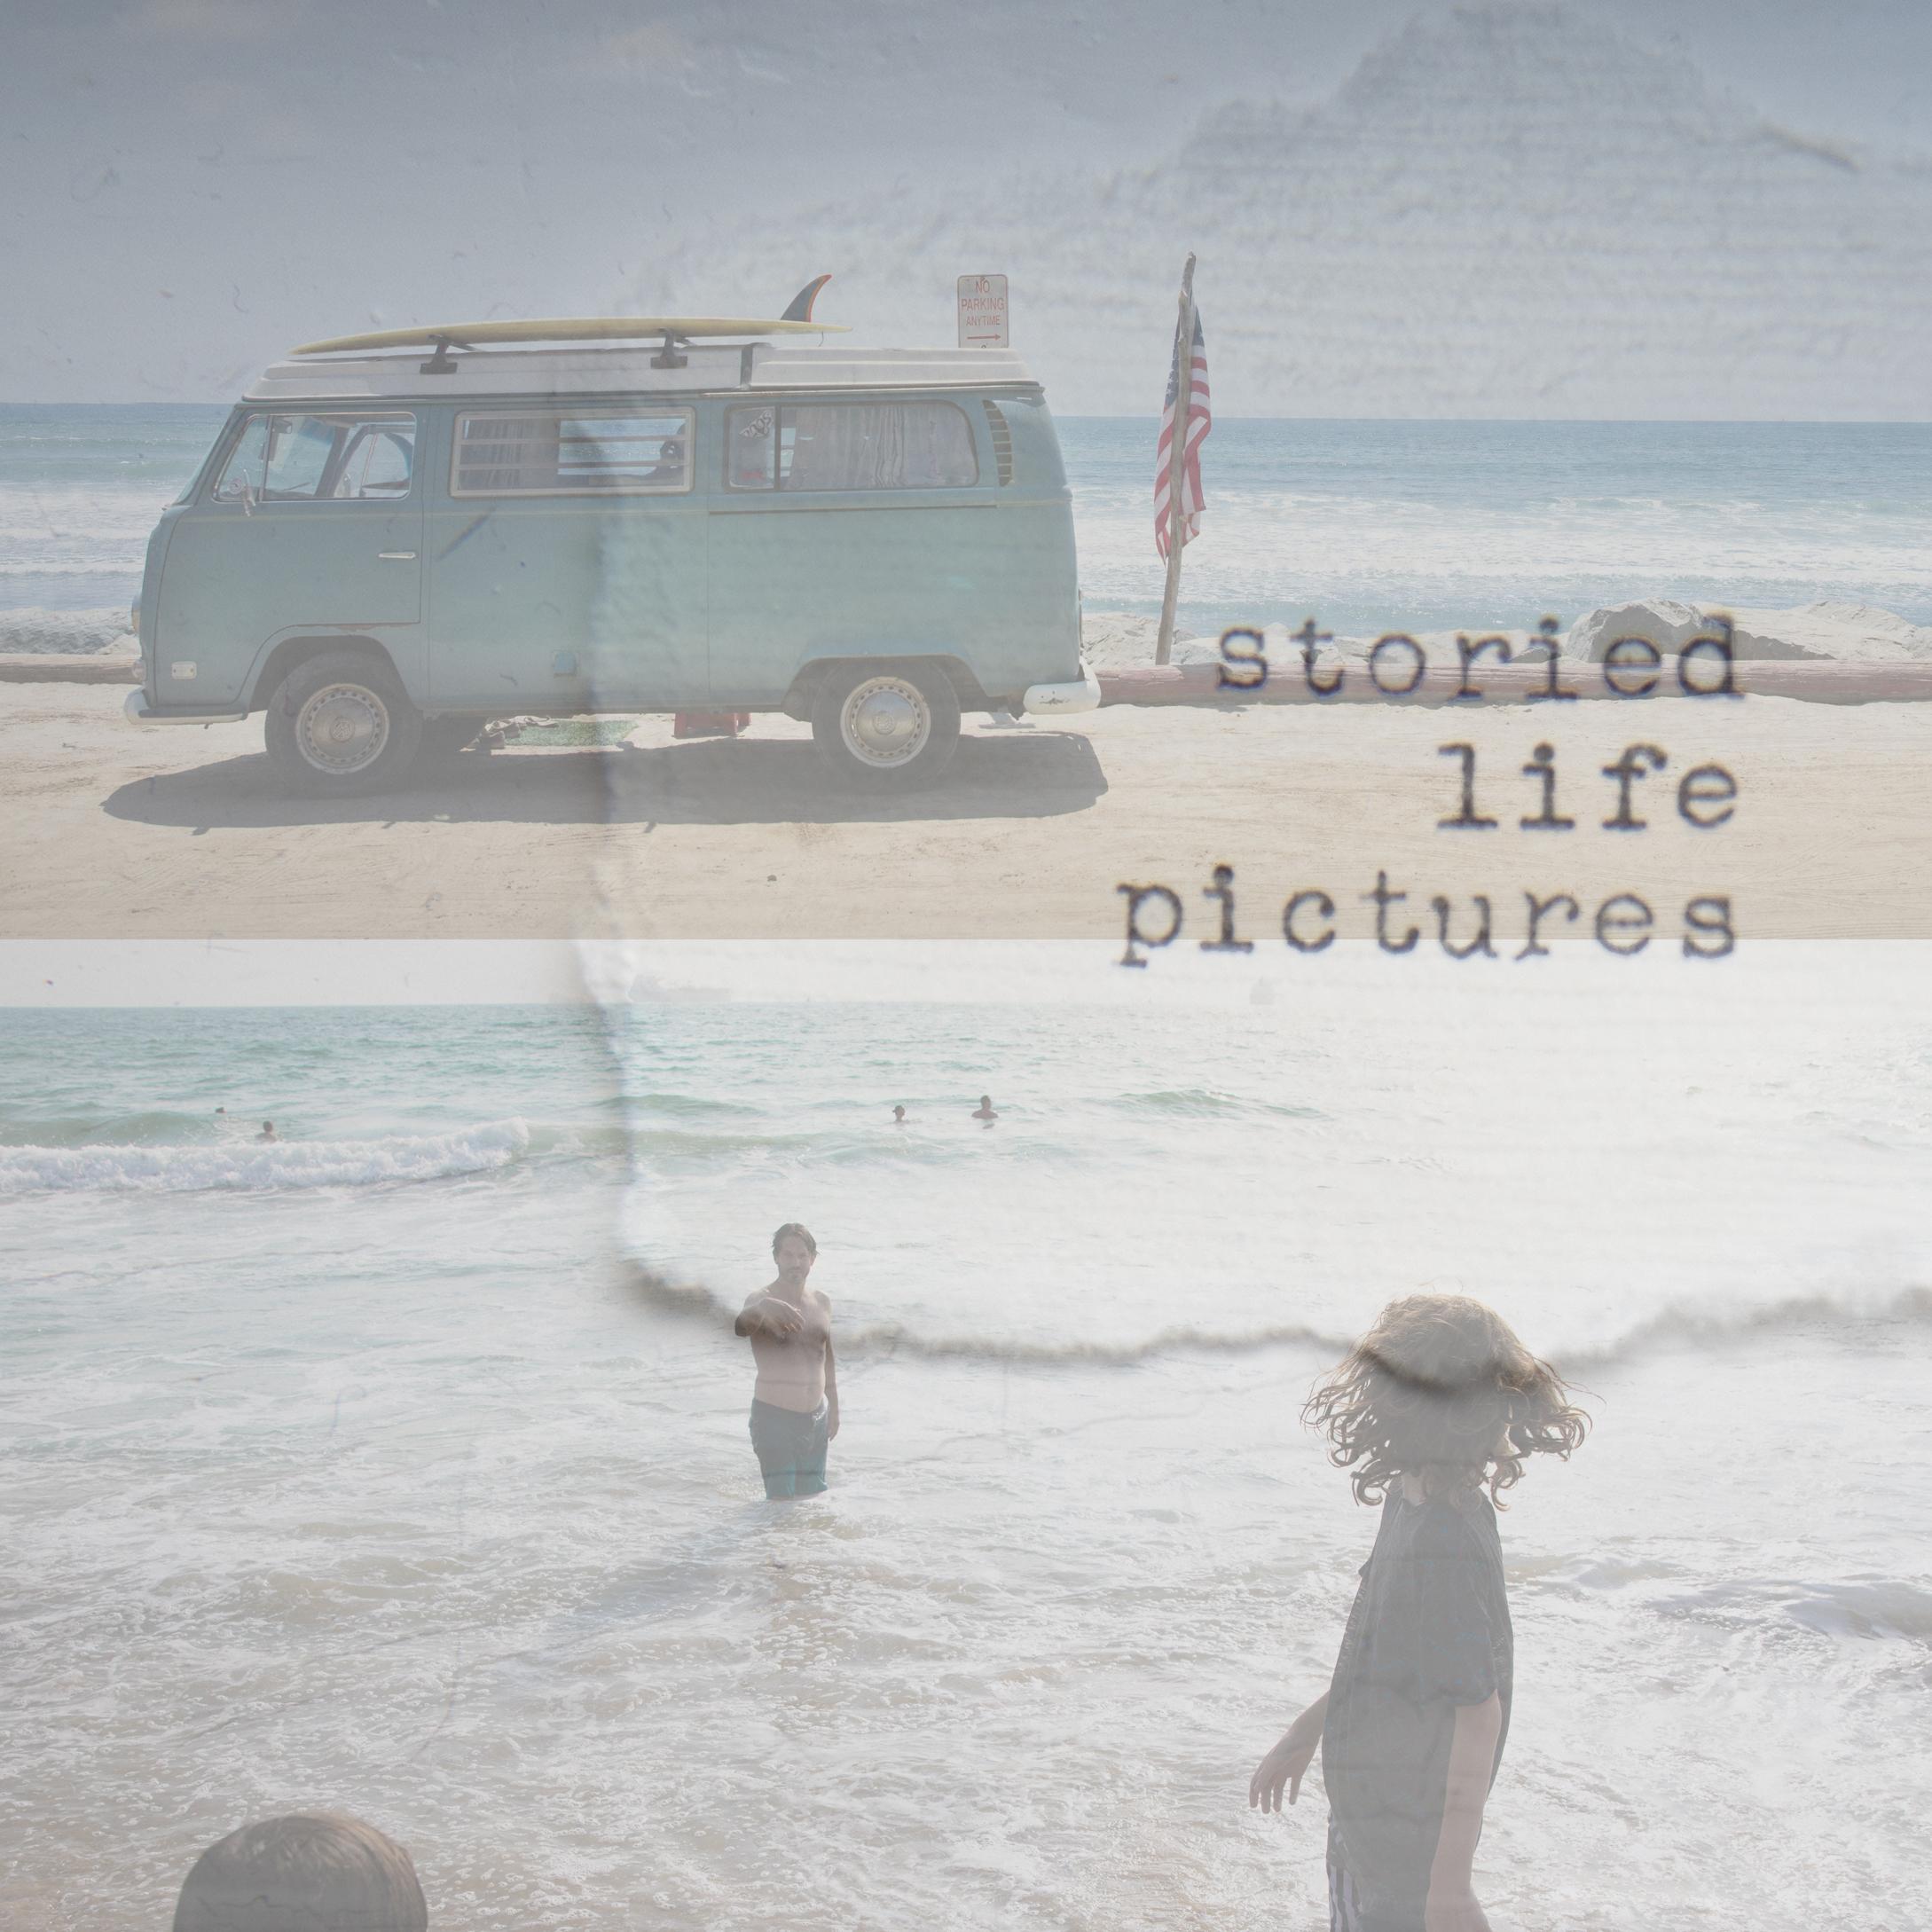 BeachComberswLOGO.jpg